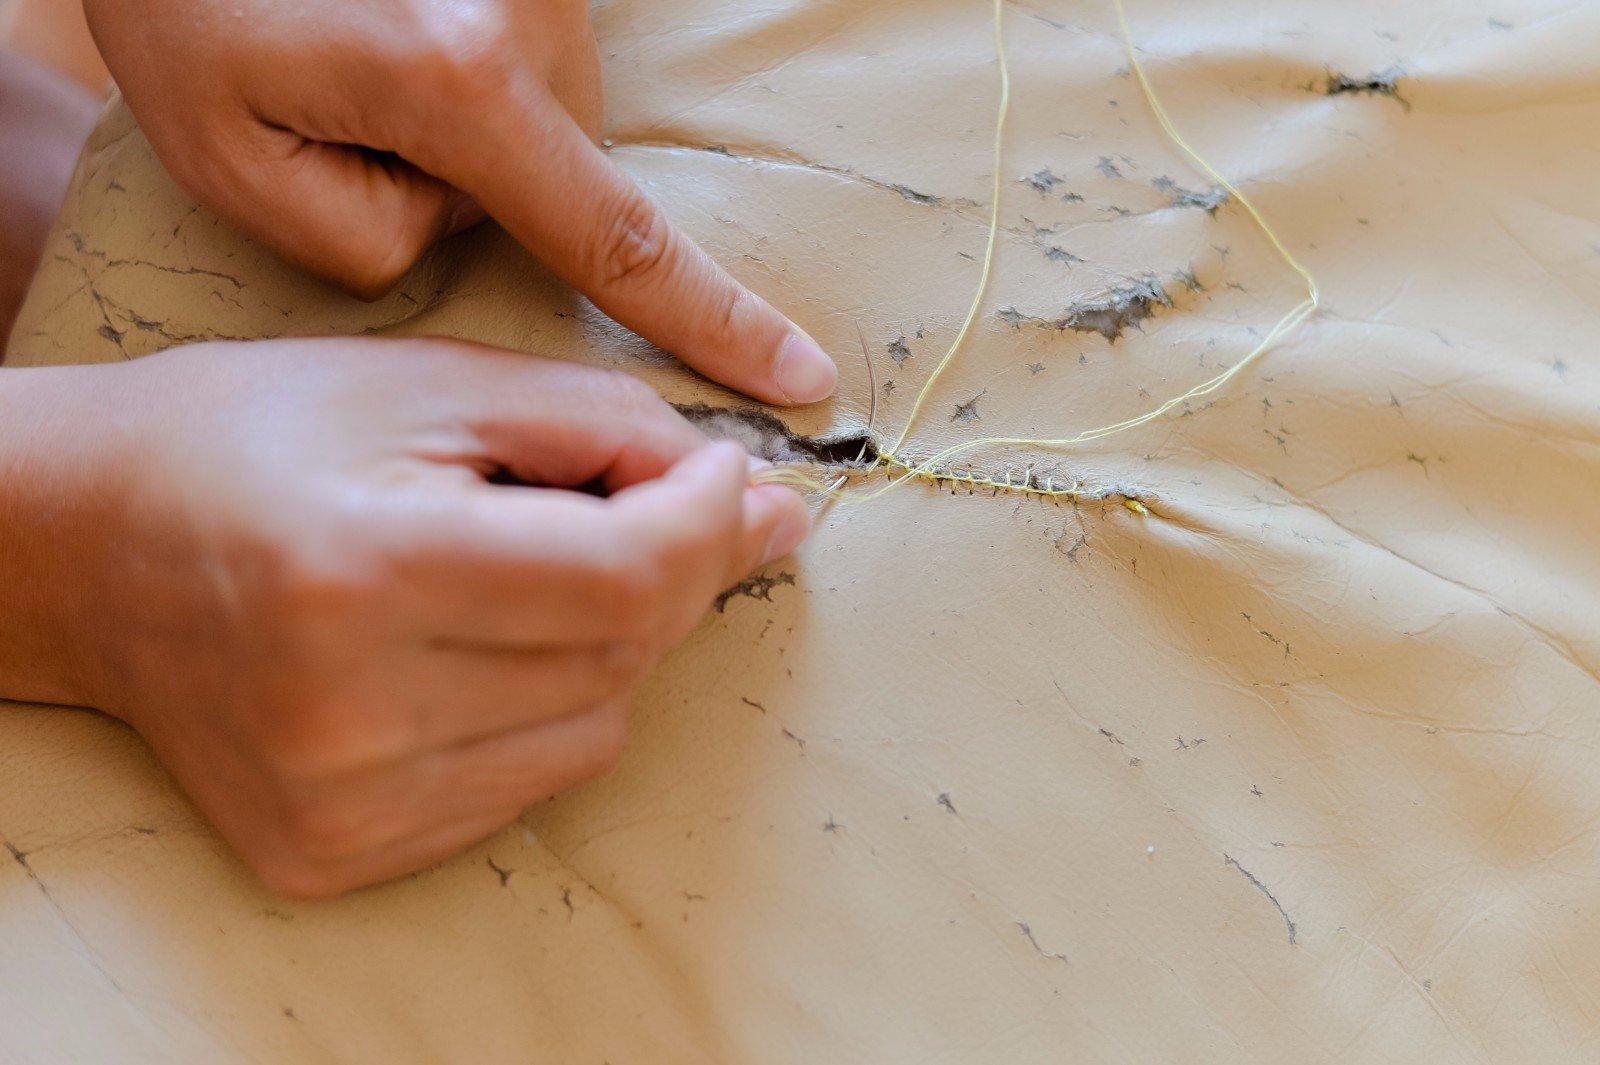 Riparazione artigiana manuale di un sofà di pelle